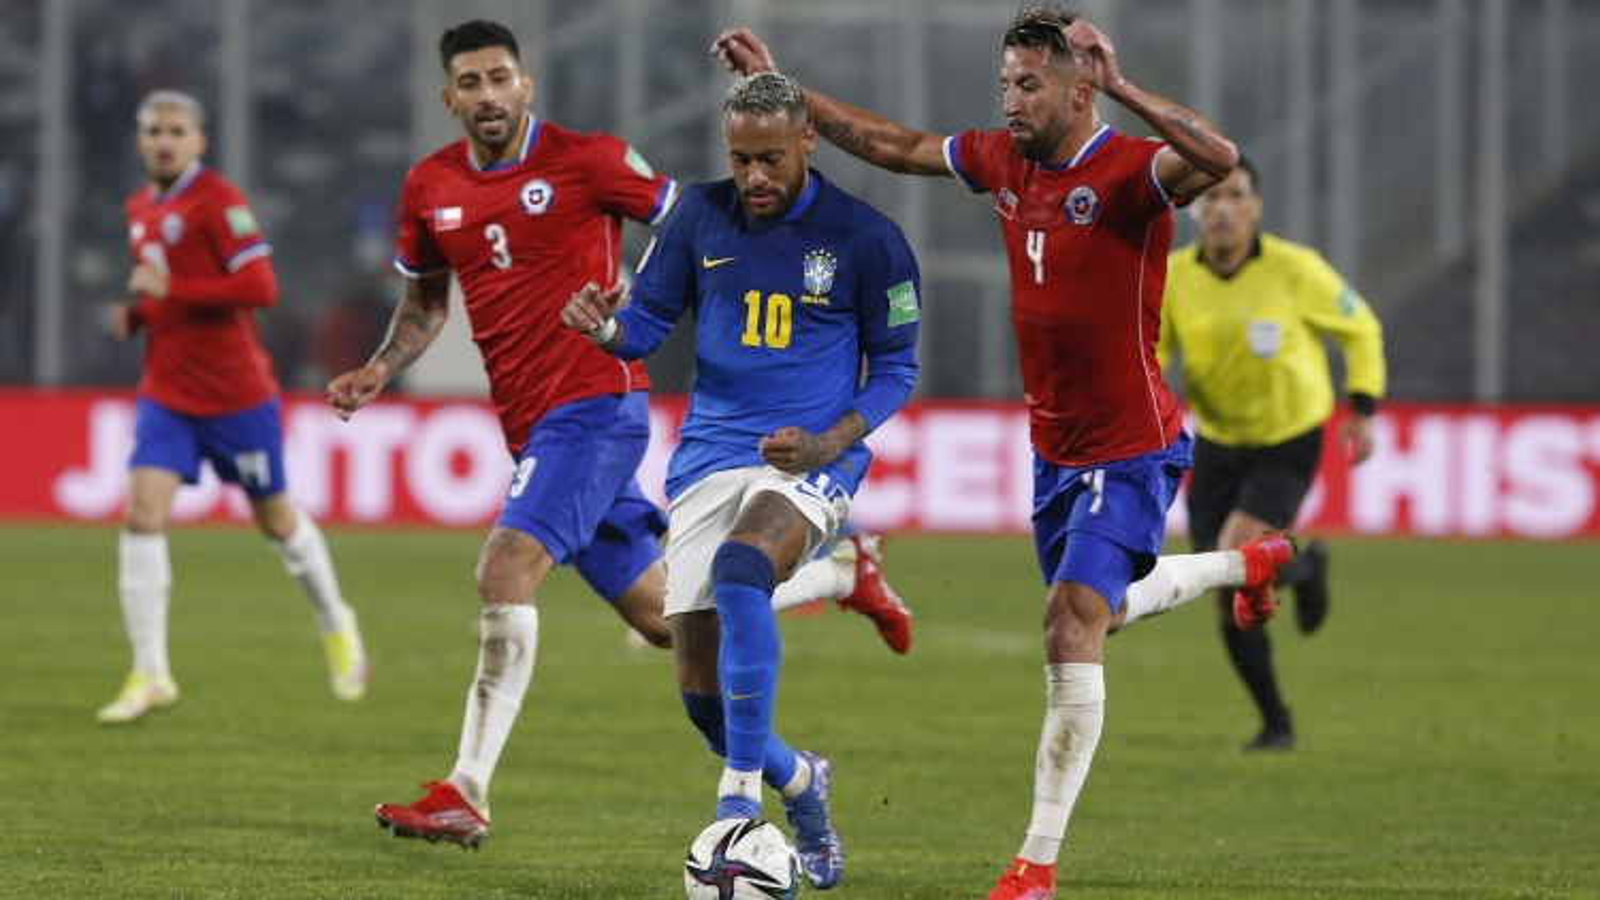 Đánh bại Chile, Brazil chạy đà hoàn hảo trước trận đại chiến Argentina